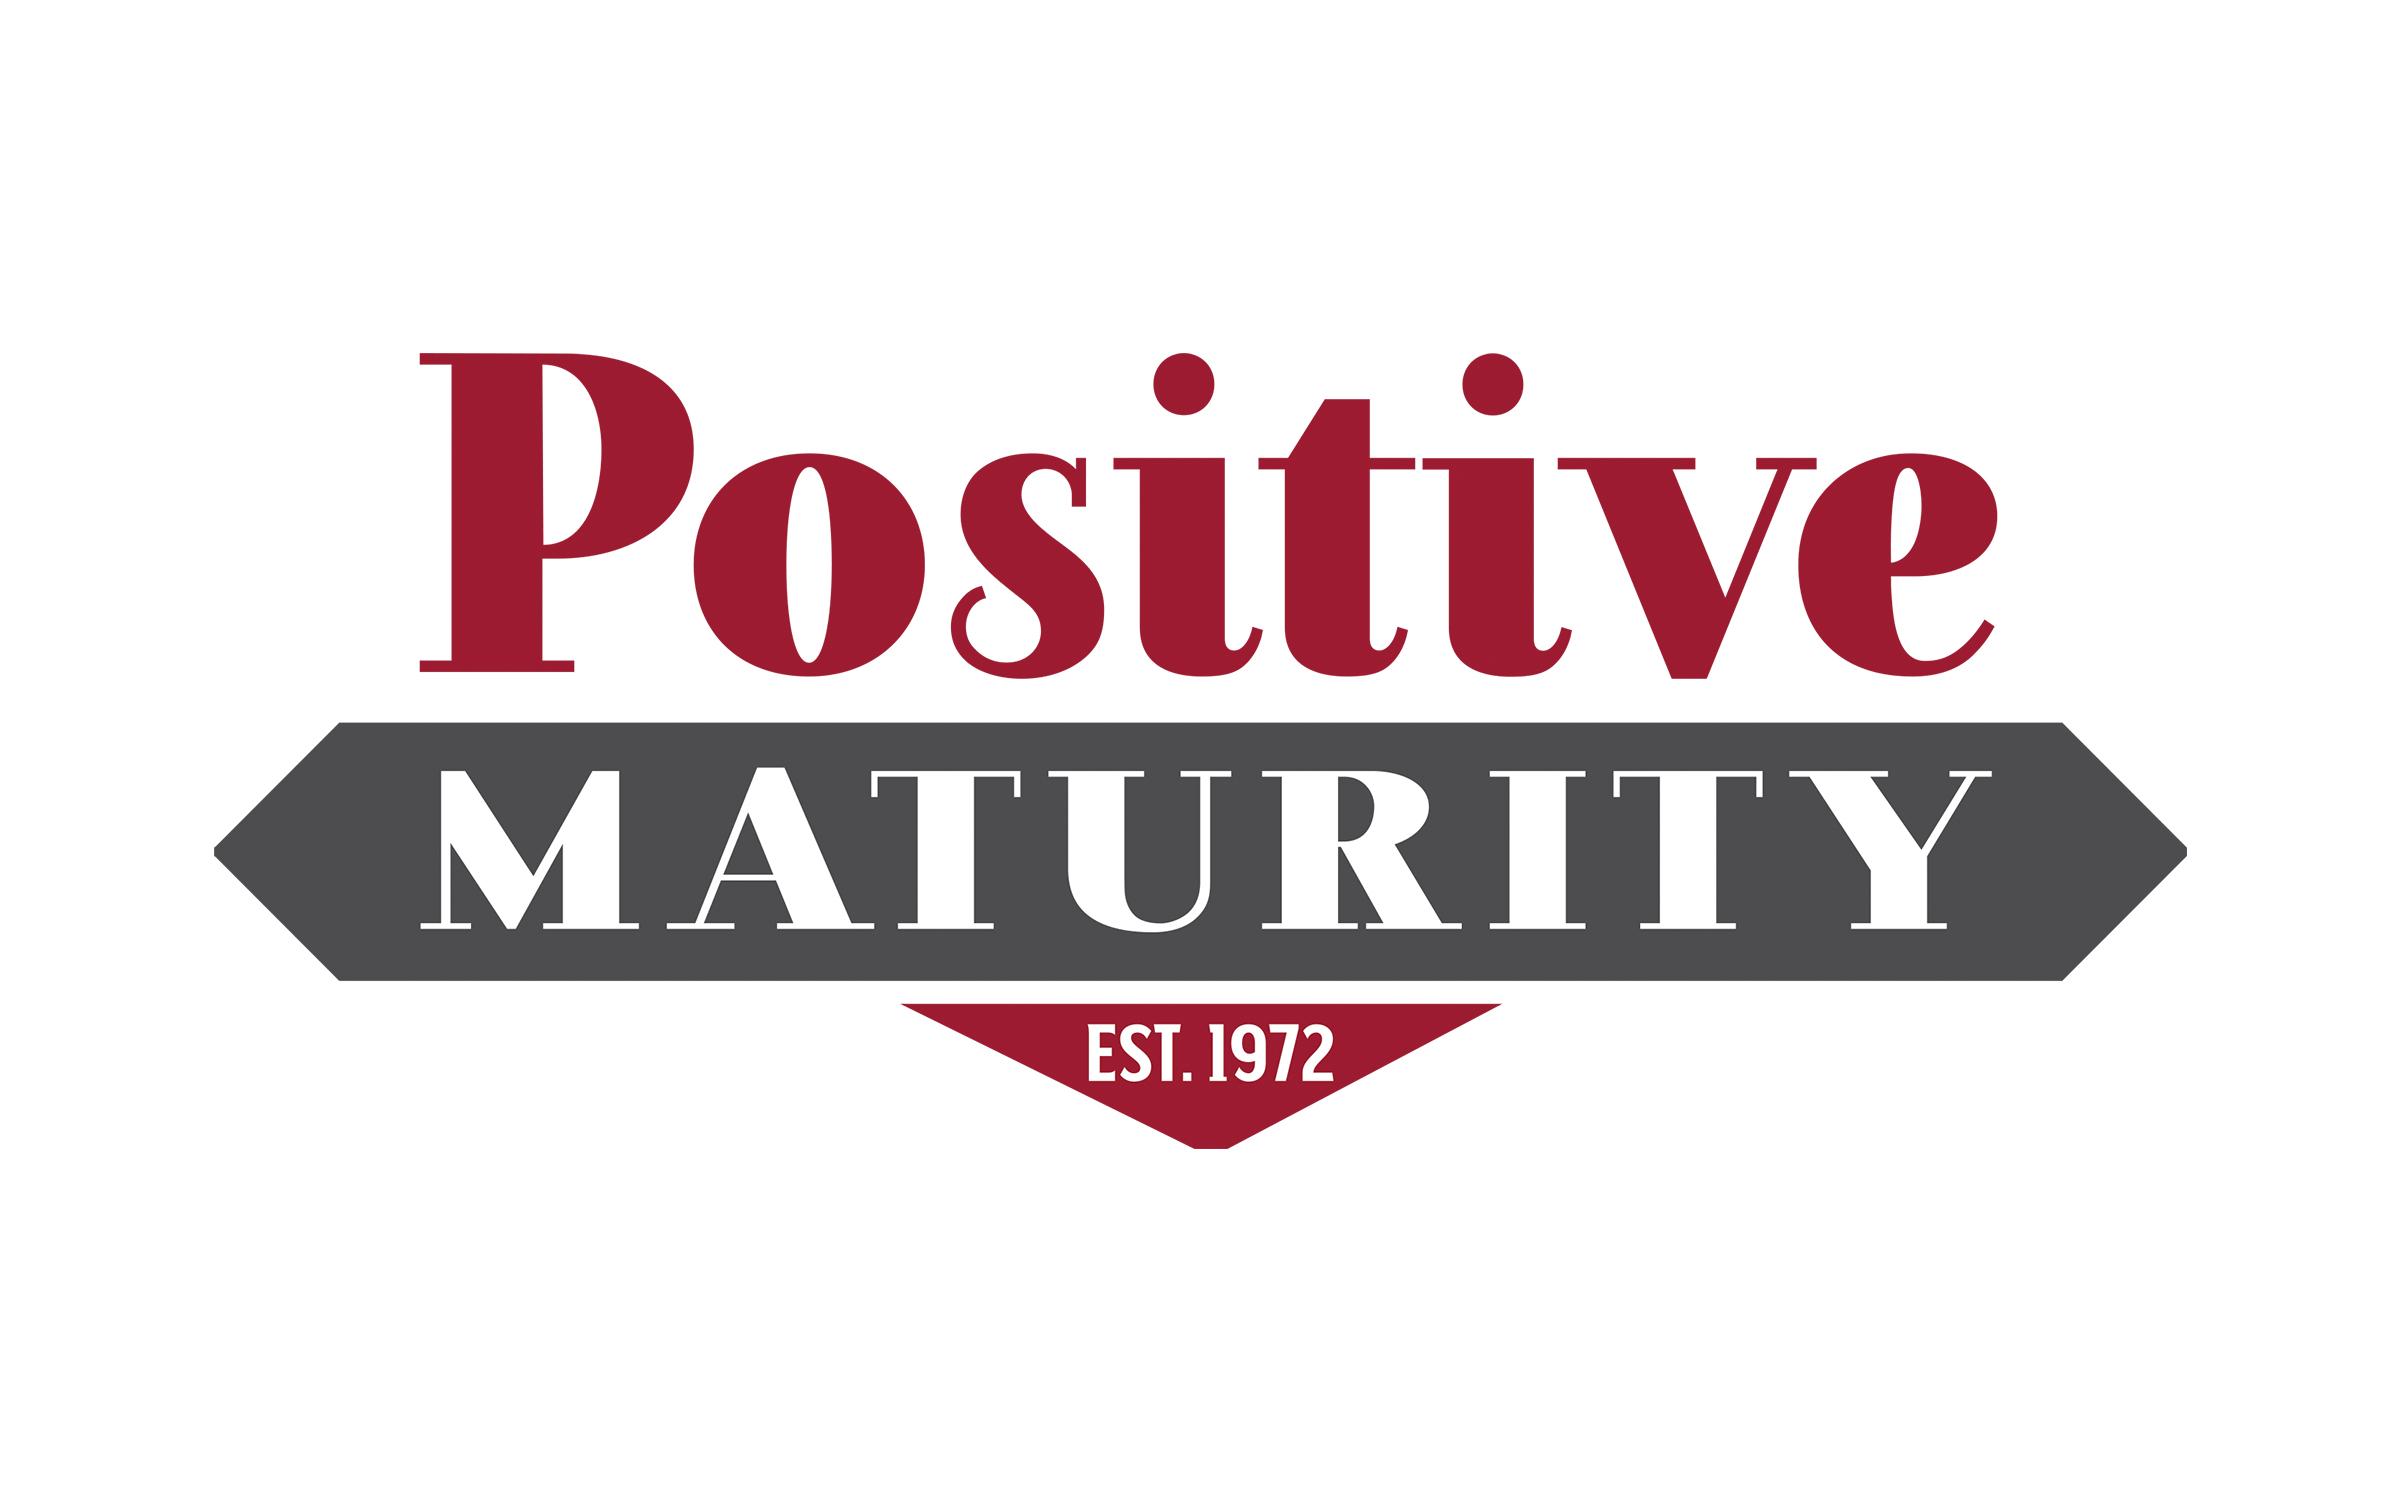 Positive Maturity